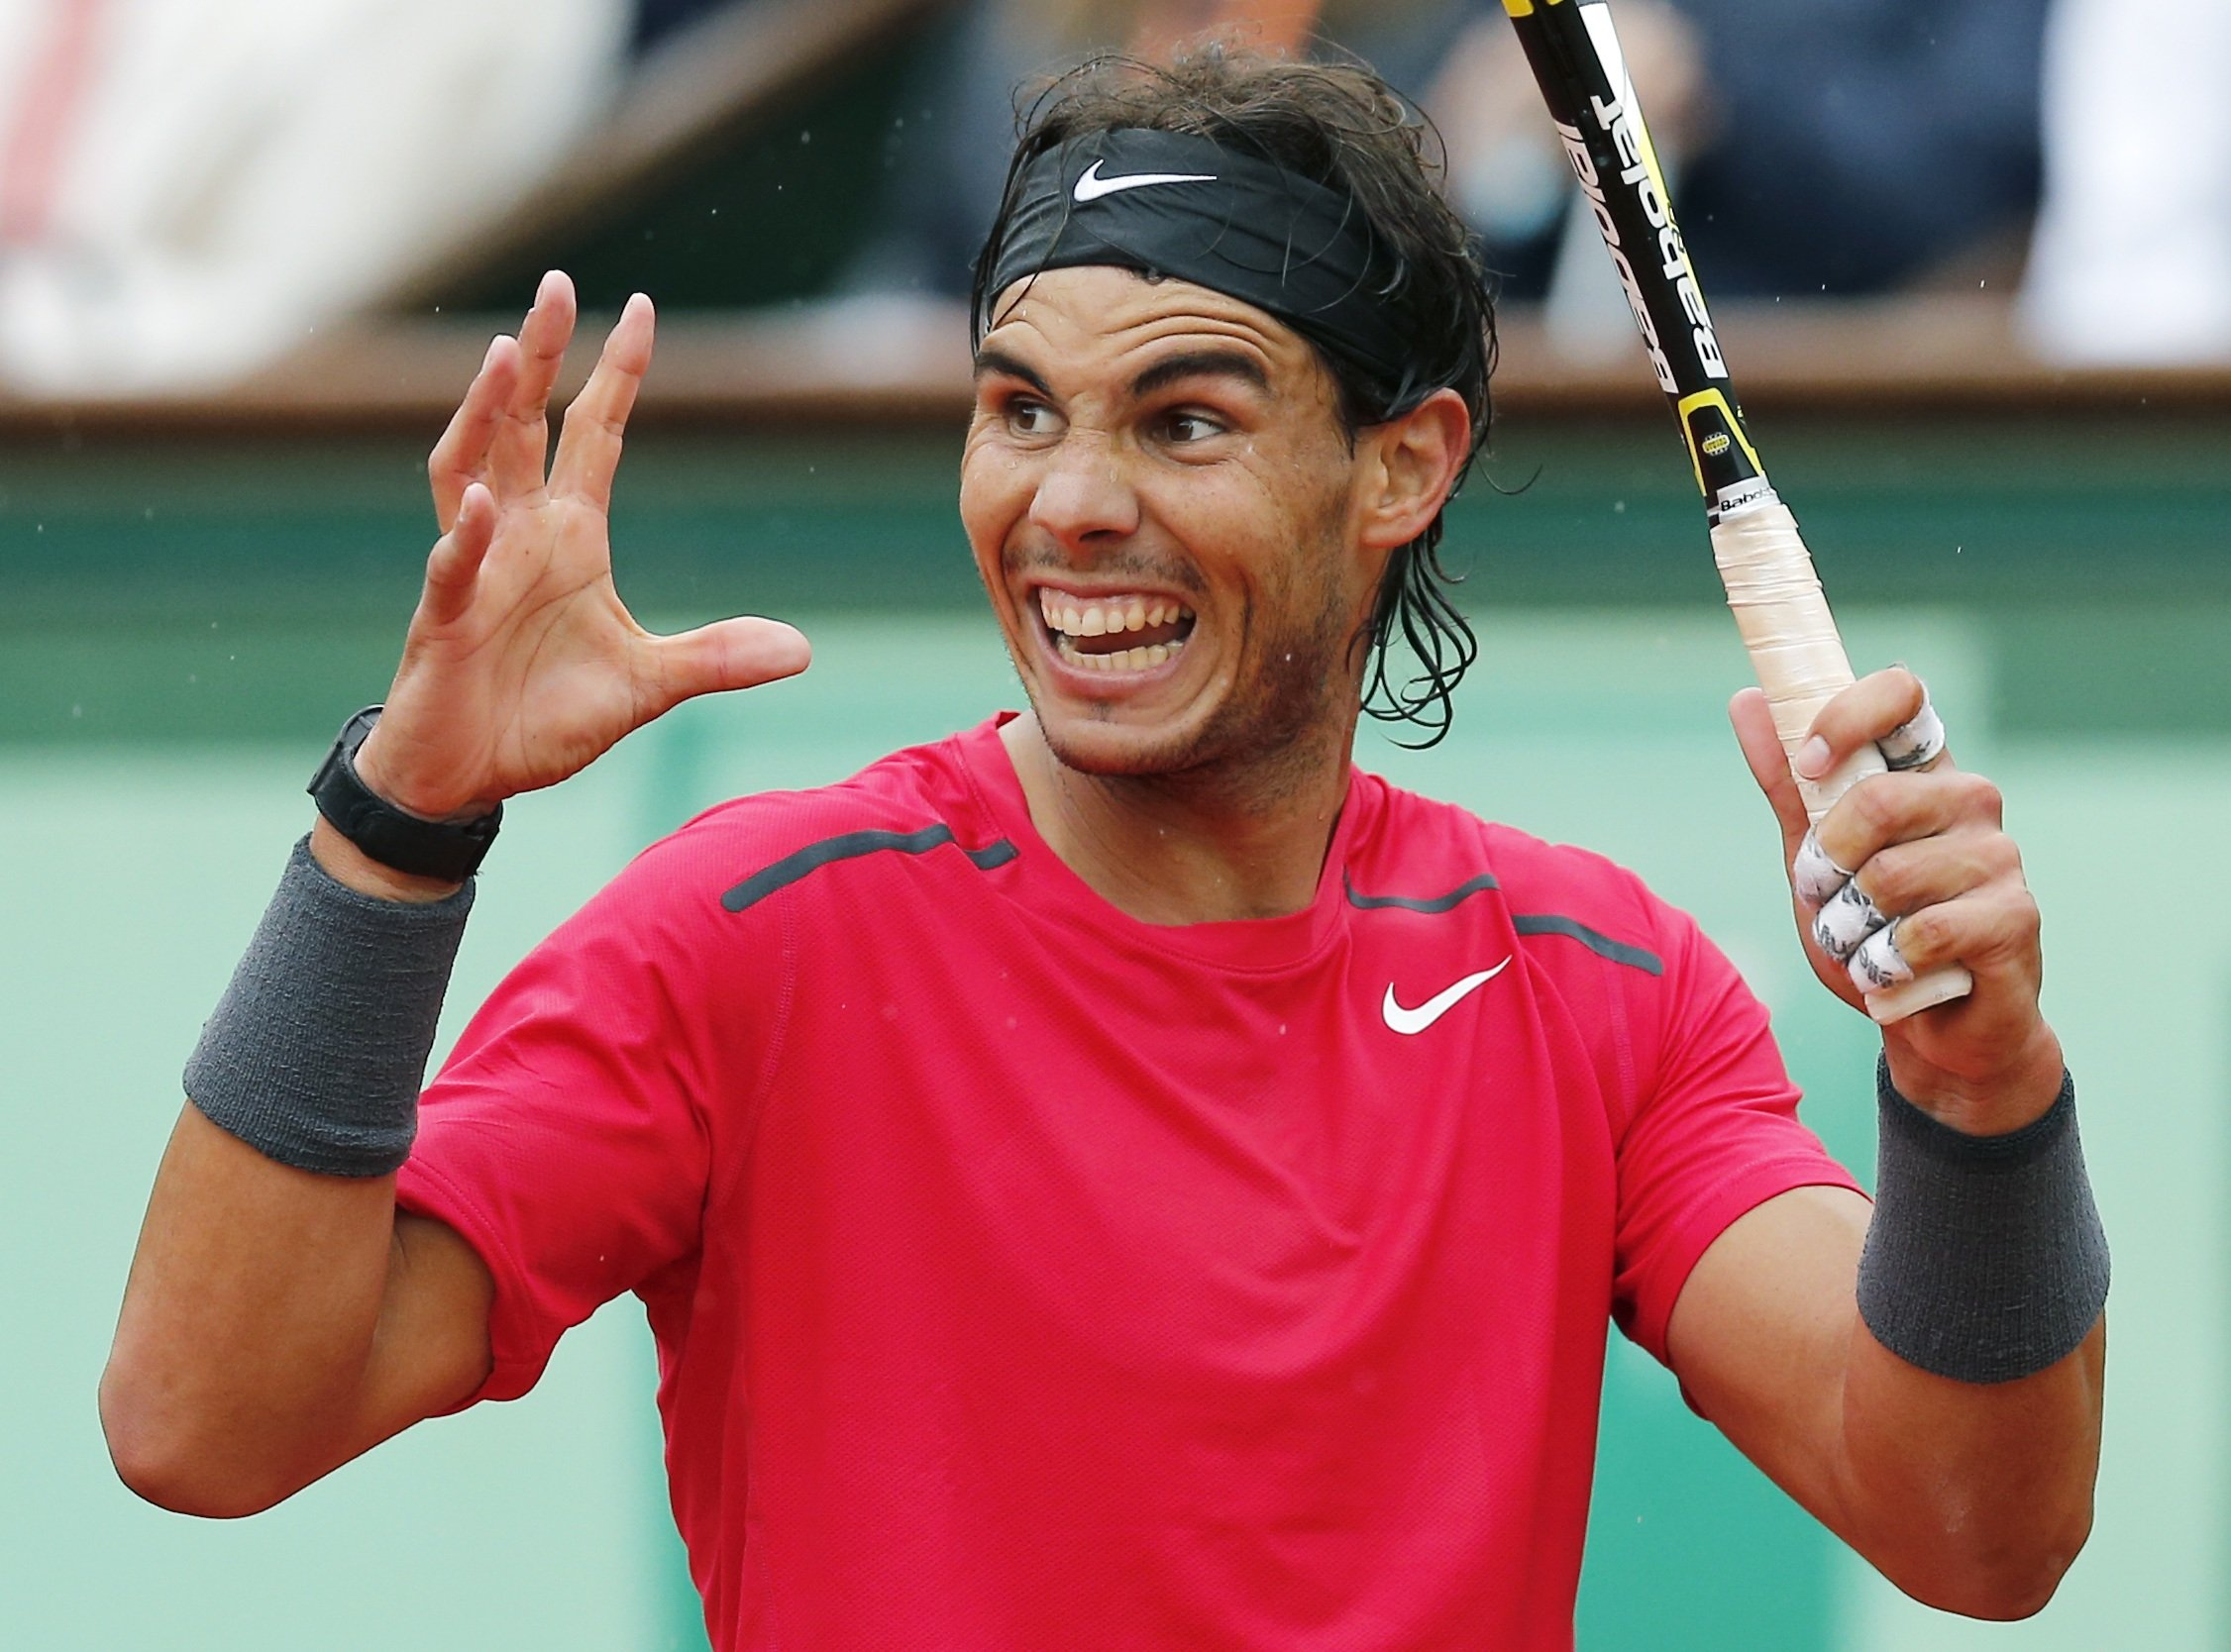 Прогноз на матч Федерер Р. - Киргиос Н.: тотал геймов будет больше 22,5